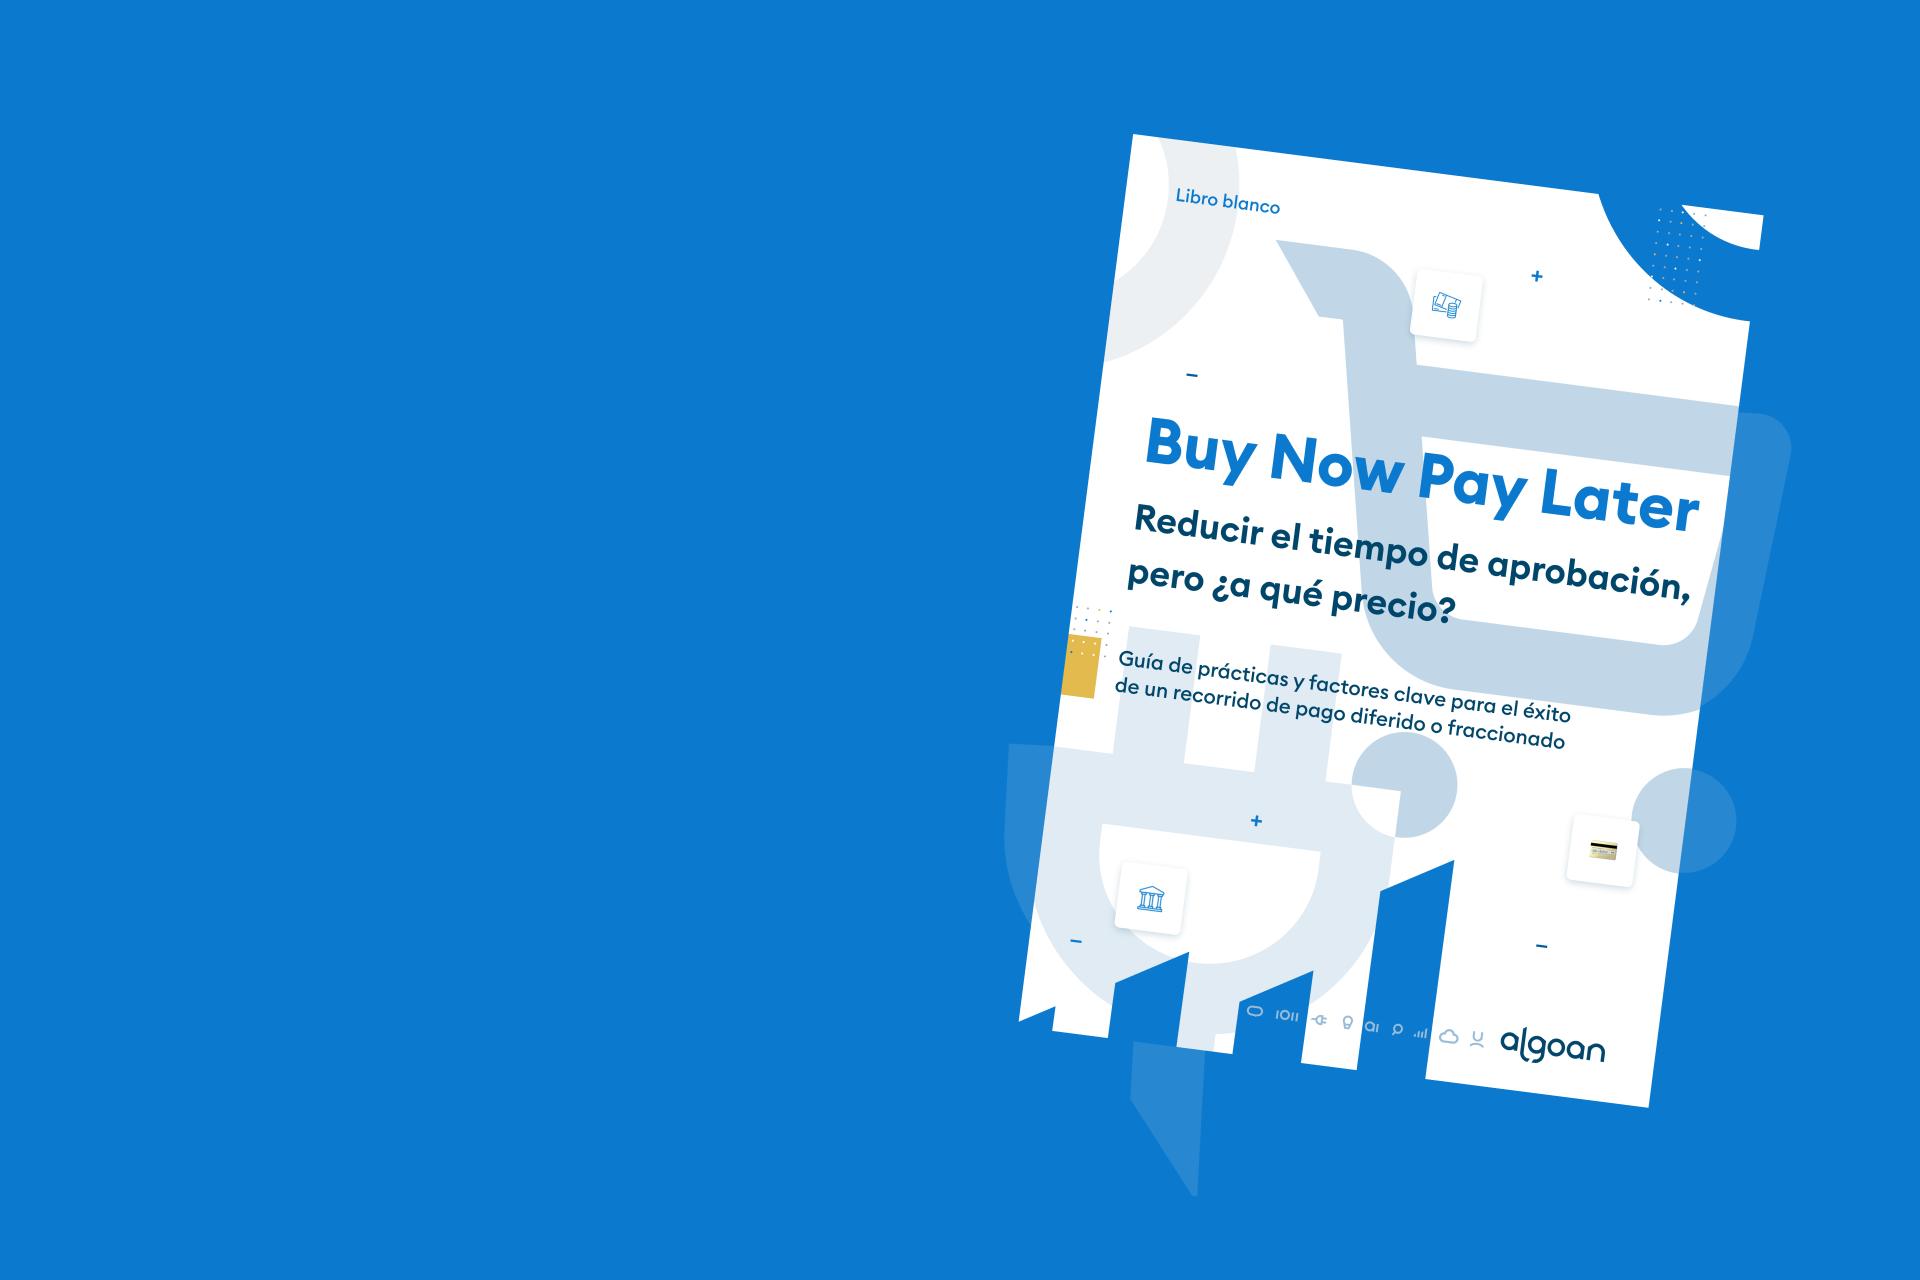 «Buy Now Pay Later» Reducir el tiempo de aprobación, pero ¿a qué precio?